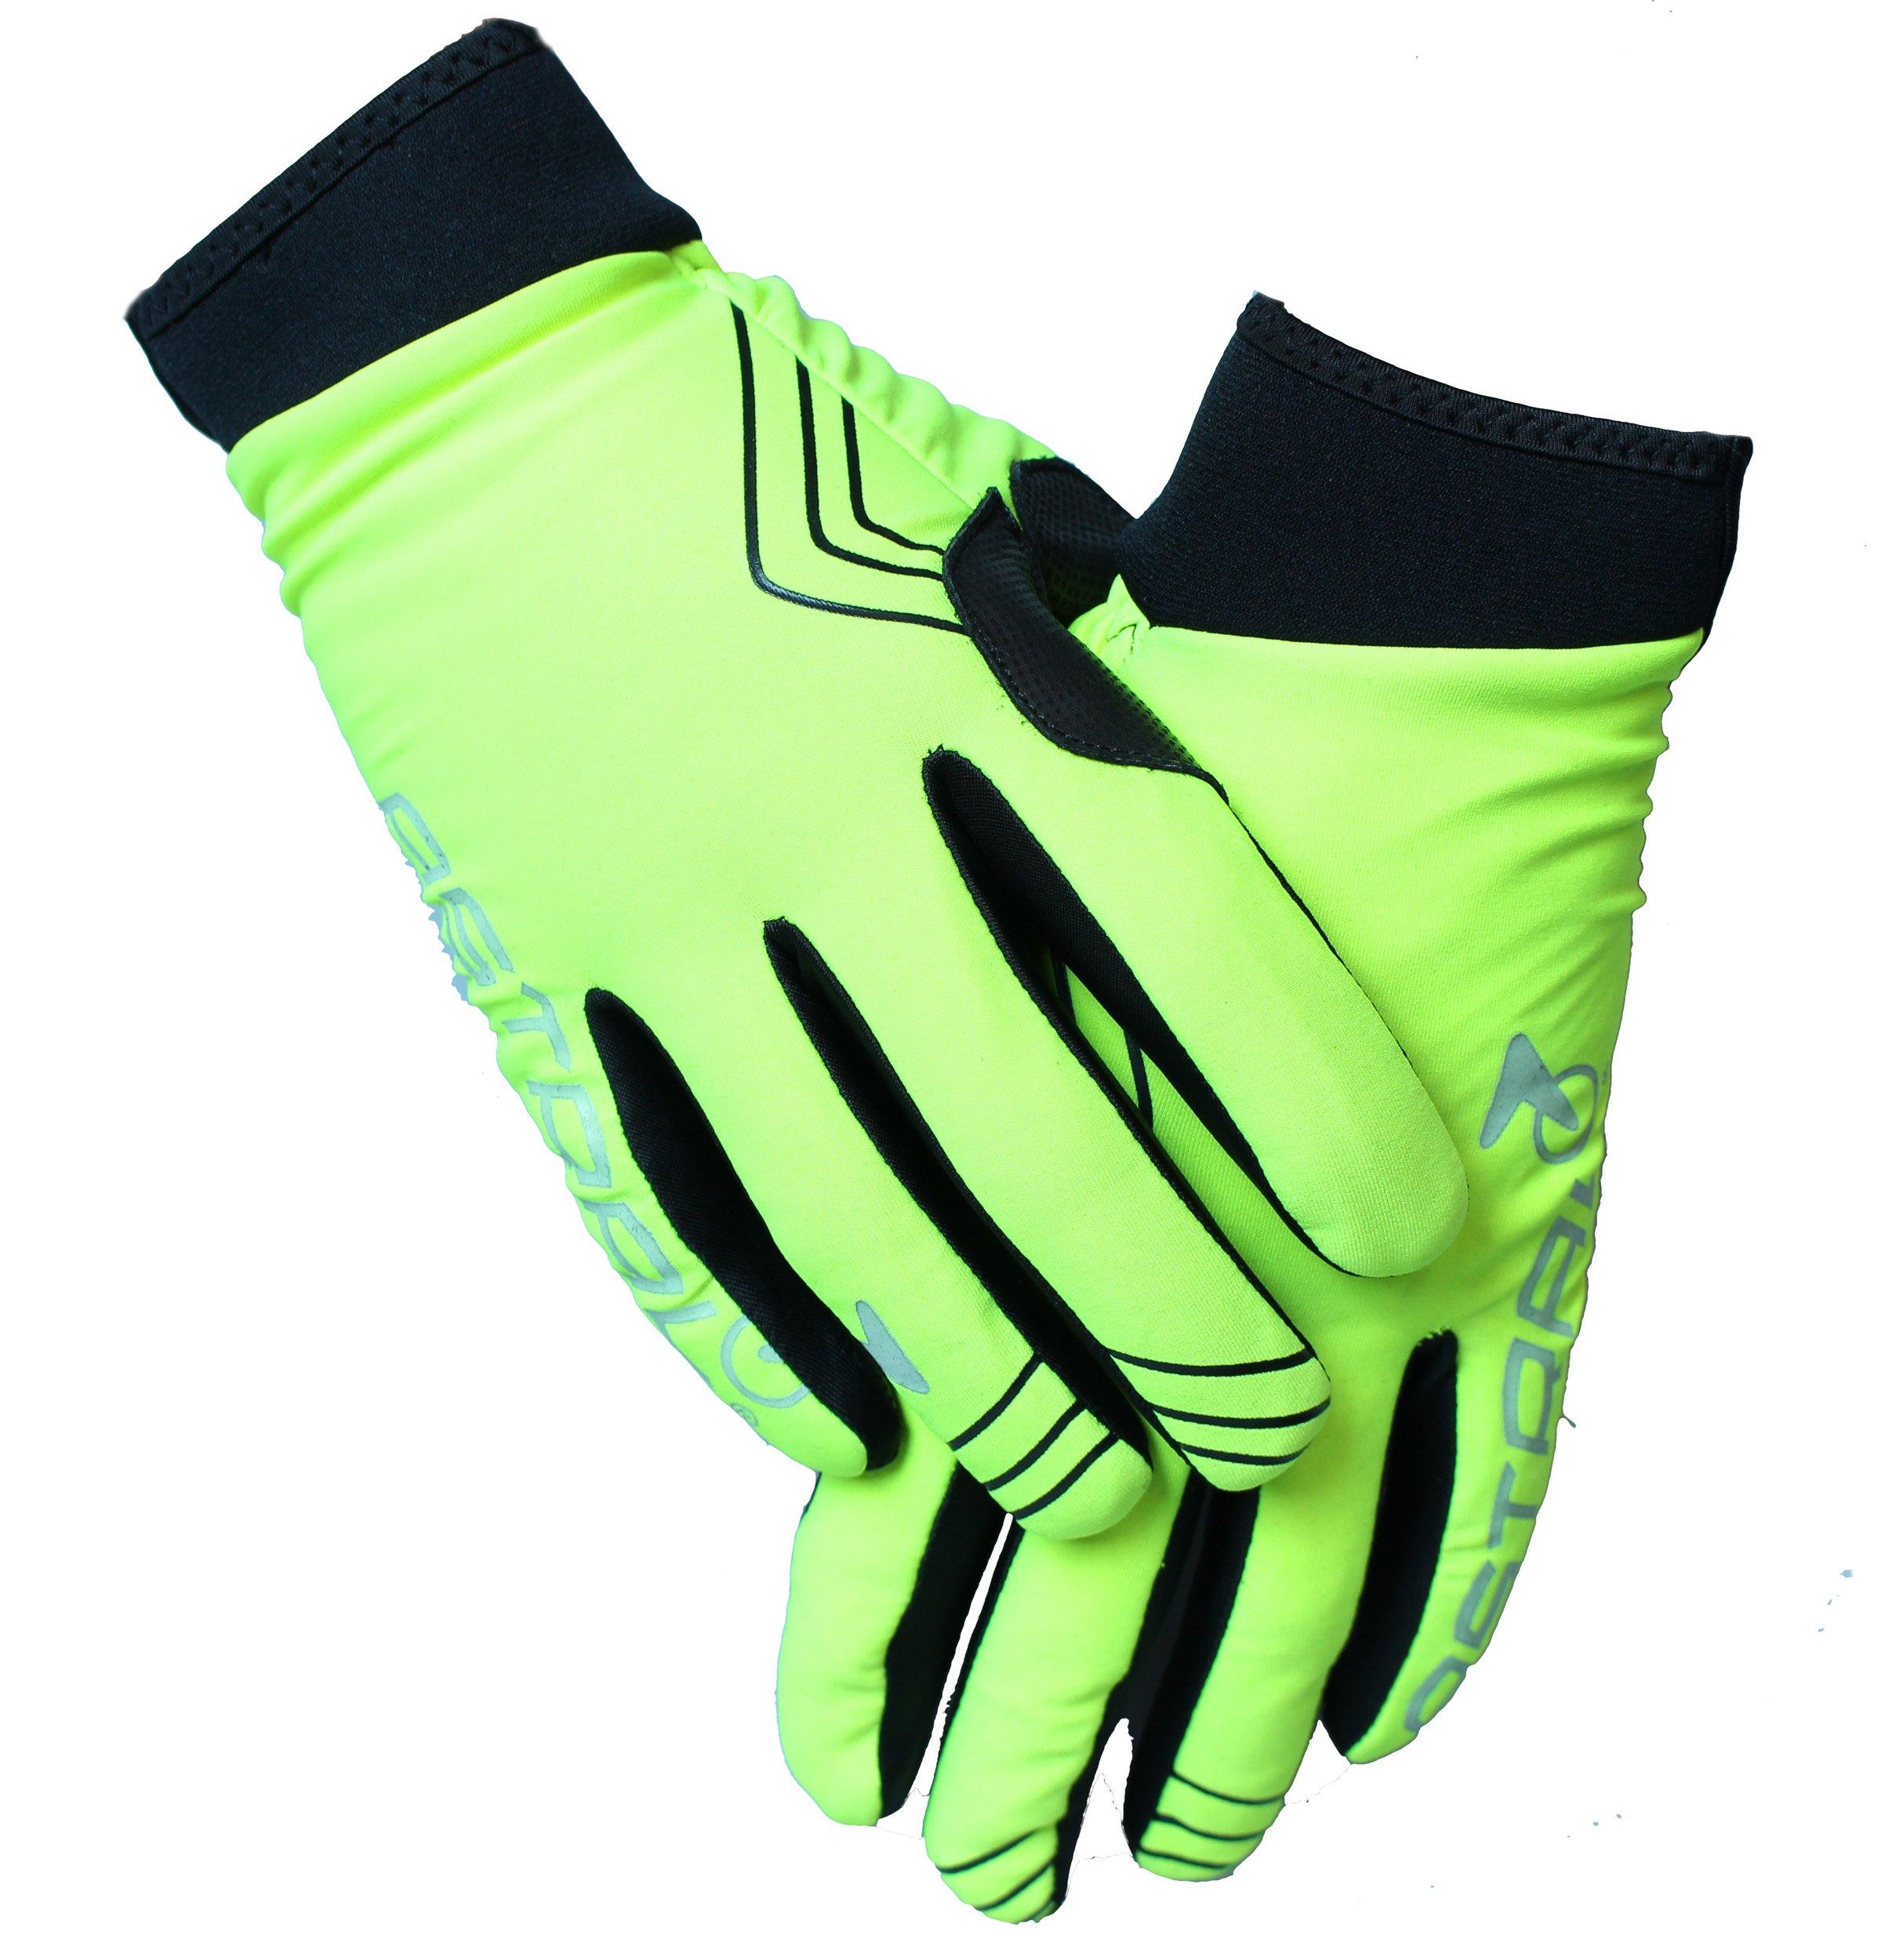 Astral Protect Softshell Vind og vandafvisende Handsker Fluo - 169,00 | Gloves